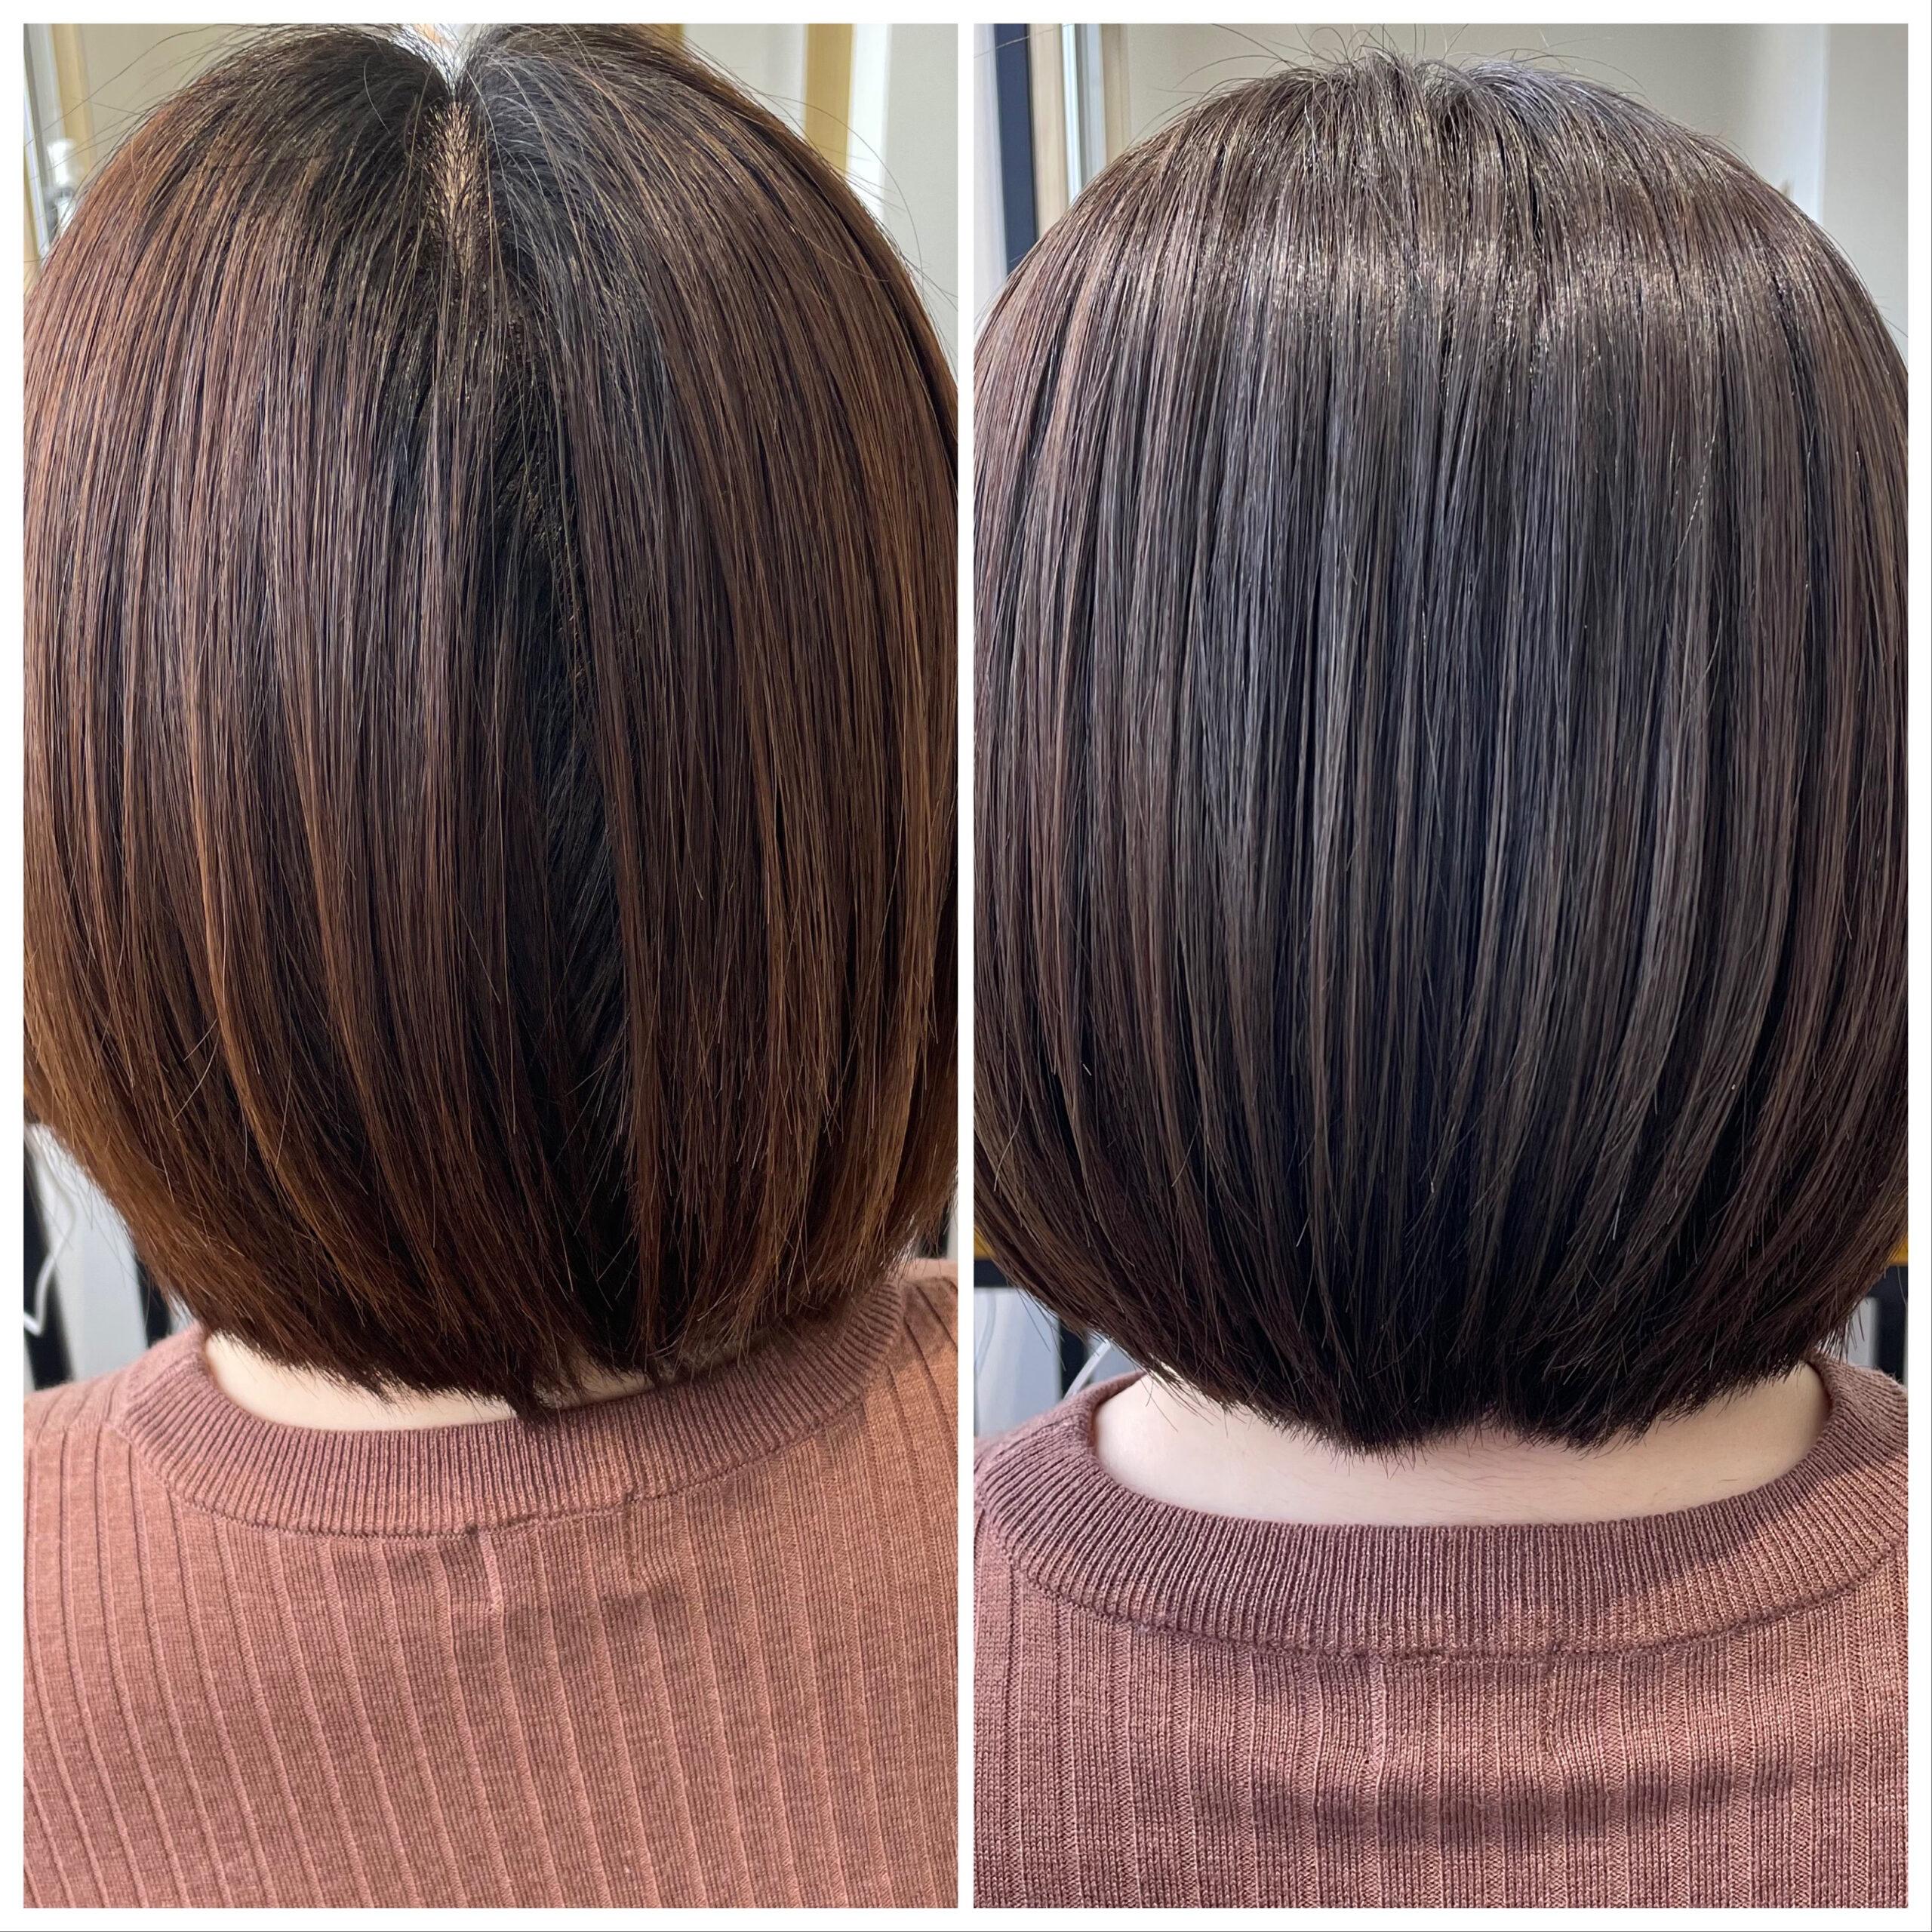 大分県別府市 ツヤ髪になりたい方は弱酸性ストレートとケアカラーの組み合わせが最強です! ビフォーアフター